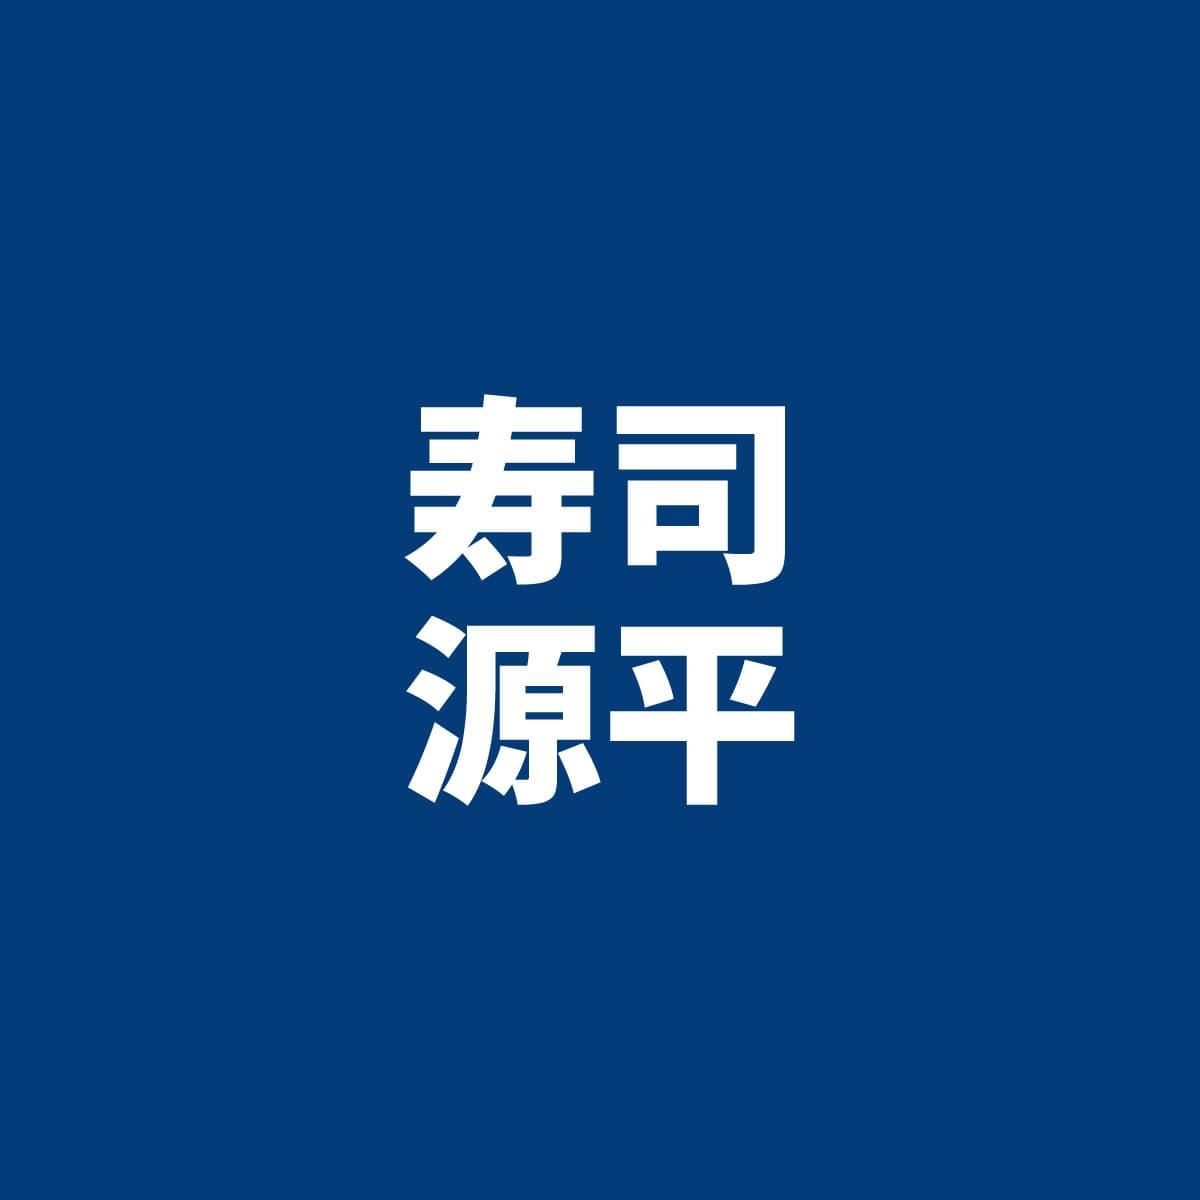 寿司「源平」